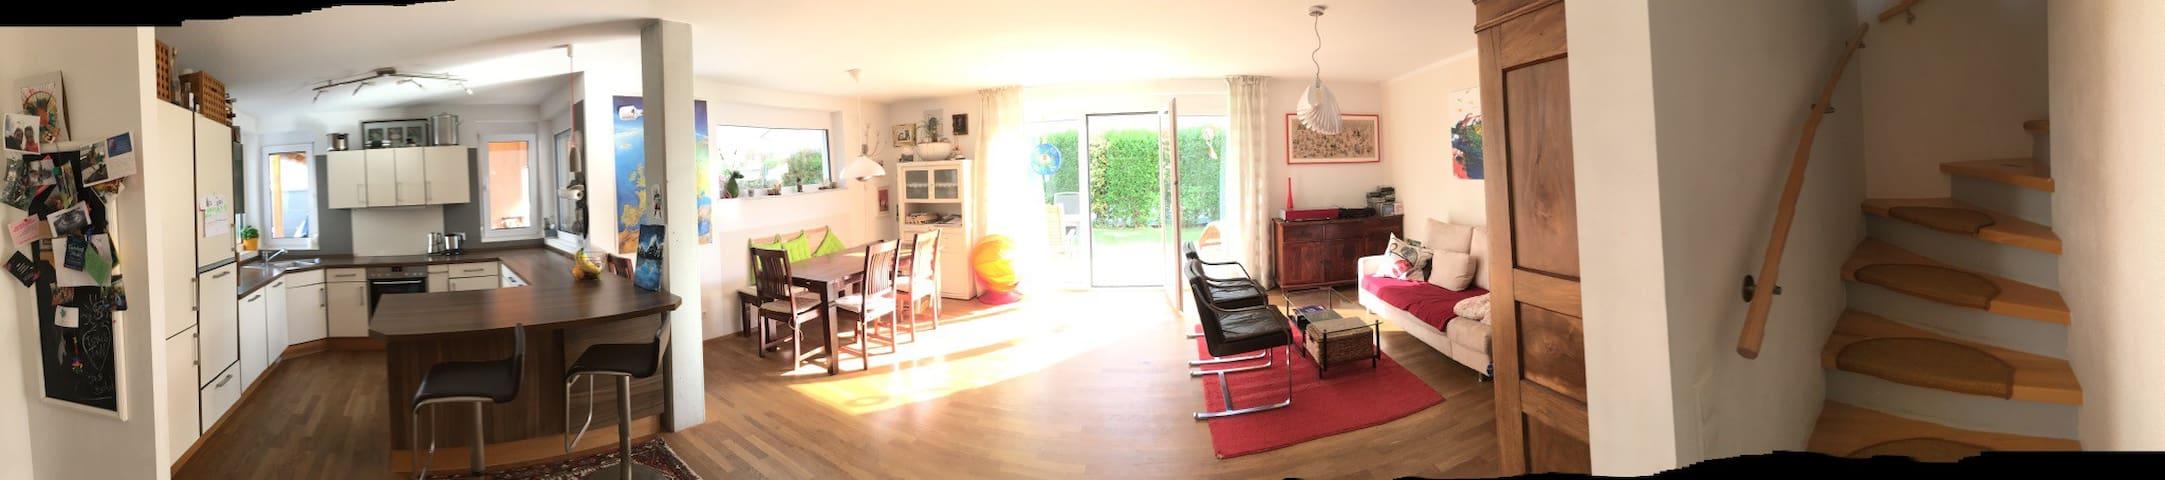 Doppelhaushälfte mit Garten